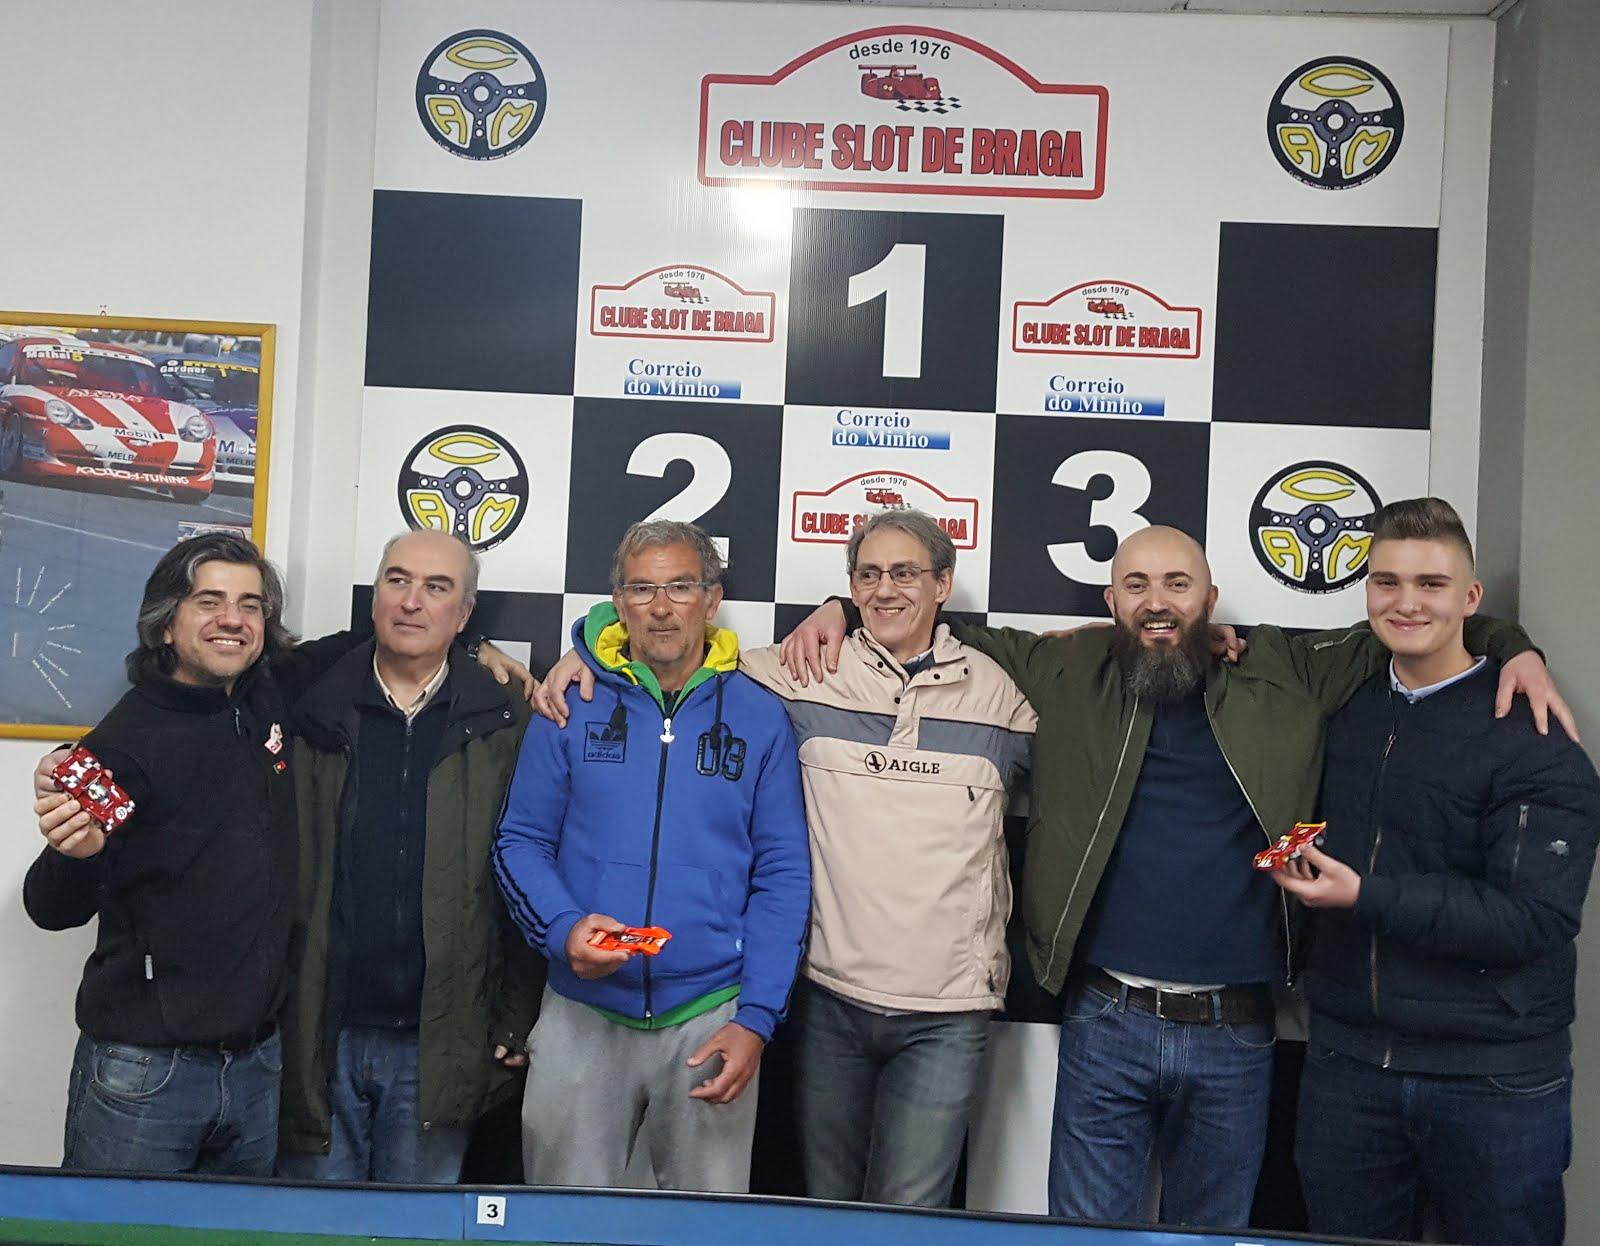 Campeonato Clássicos Le Mans Duplas 2017